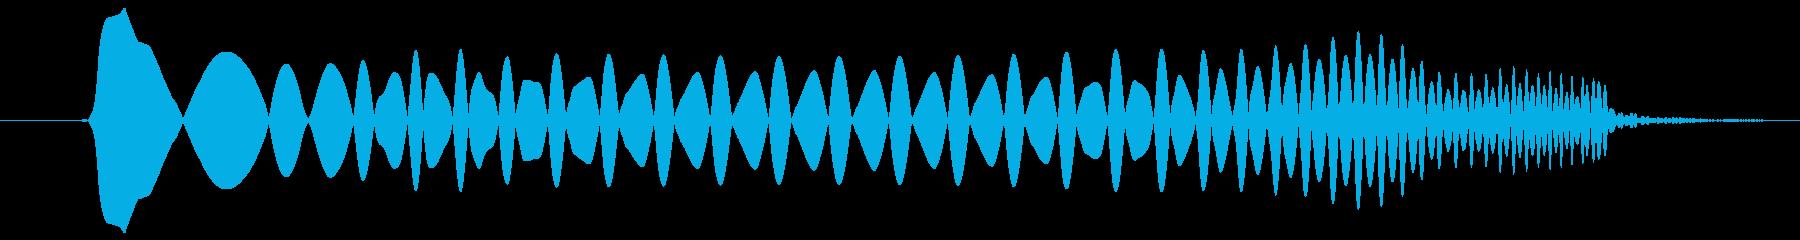 ブヨ(スライム・弾力のある物を踏んだ音)の再生済みの波形